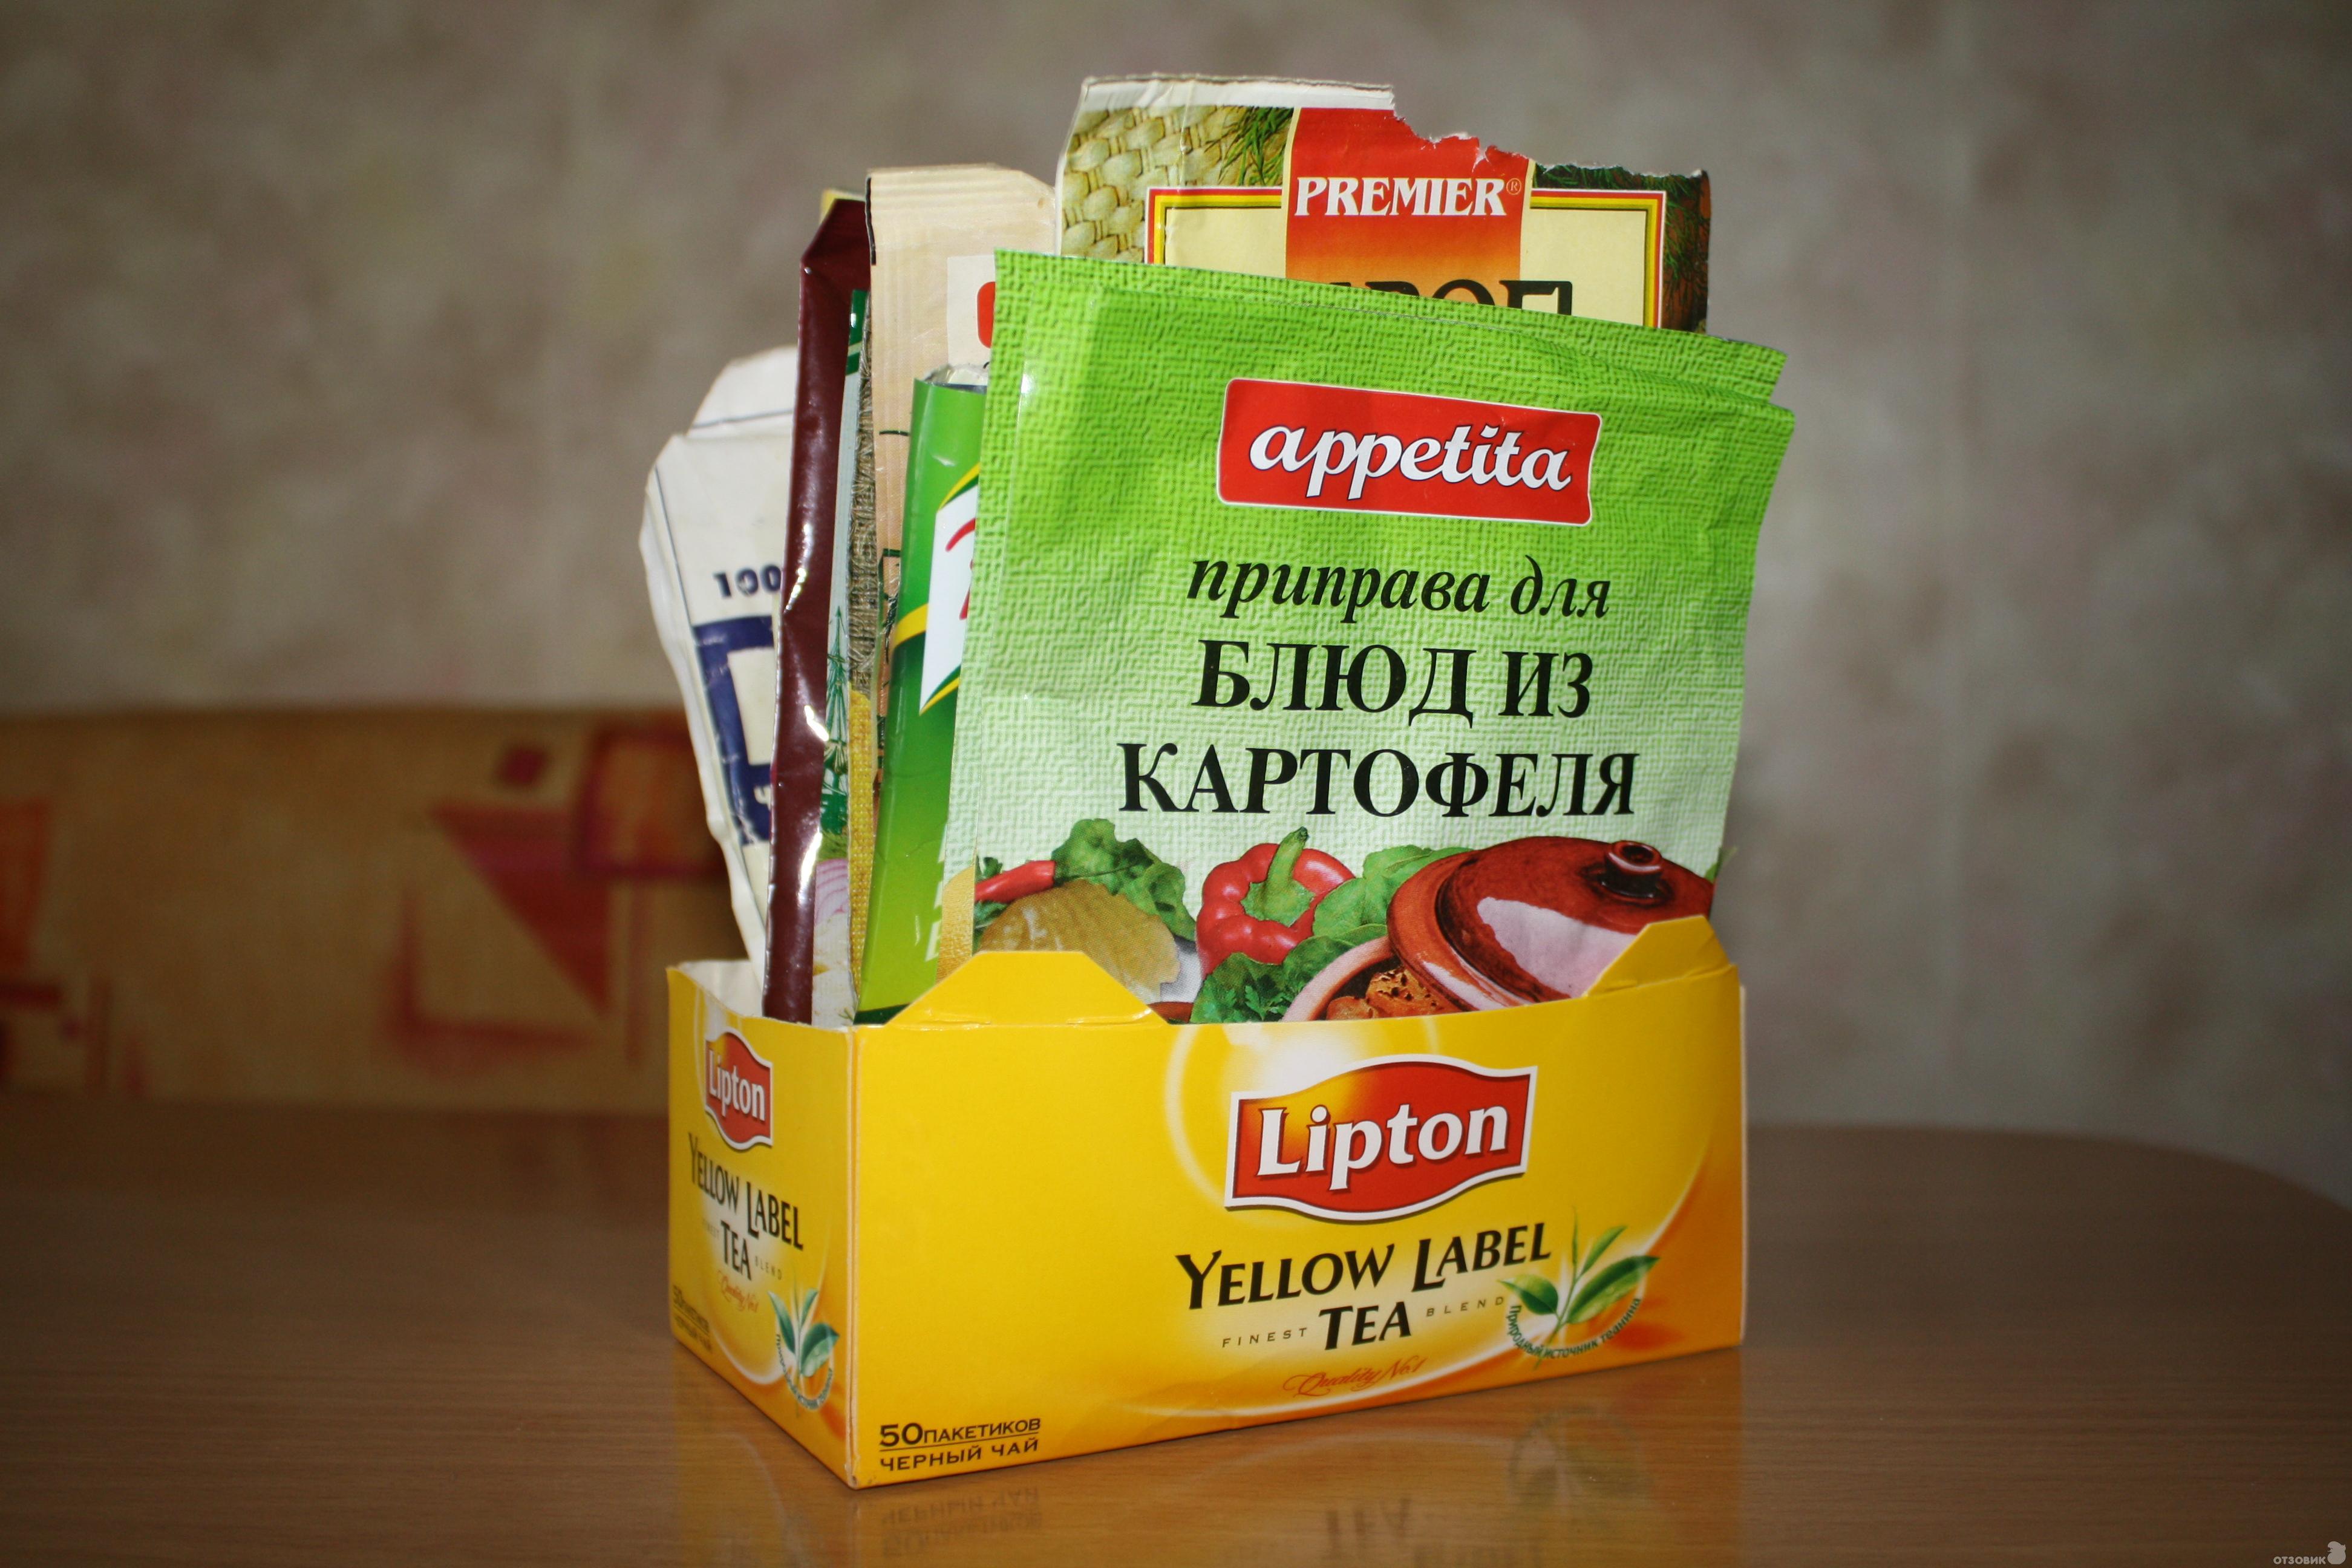 Чай Lipton в Беларуси. Сравнить цены и поставщиков промышленных товаров 28